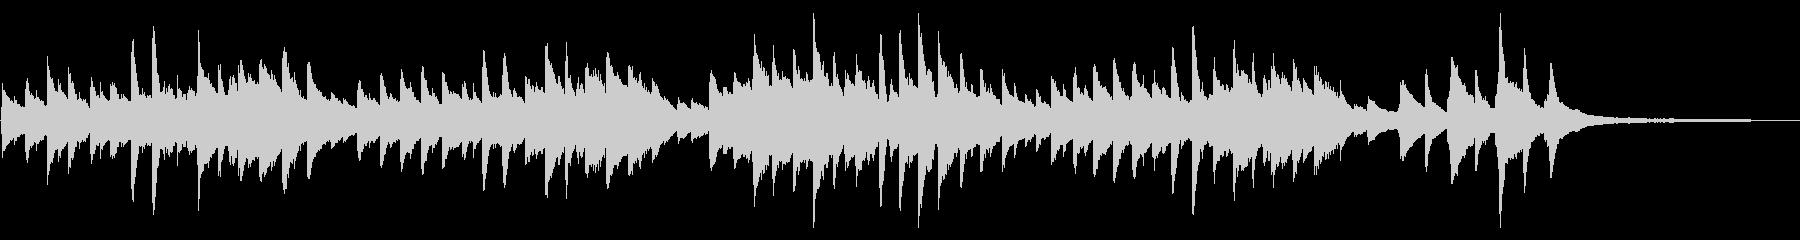 童謡「春の小川」シンプルなピアノソロの未再生の波形